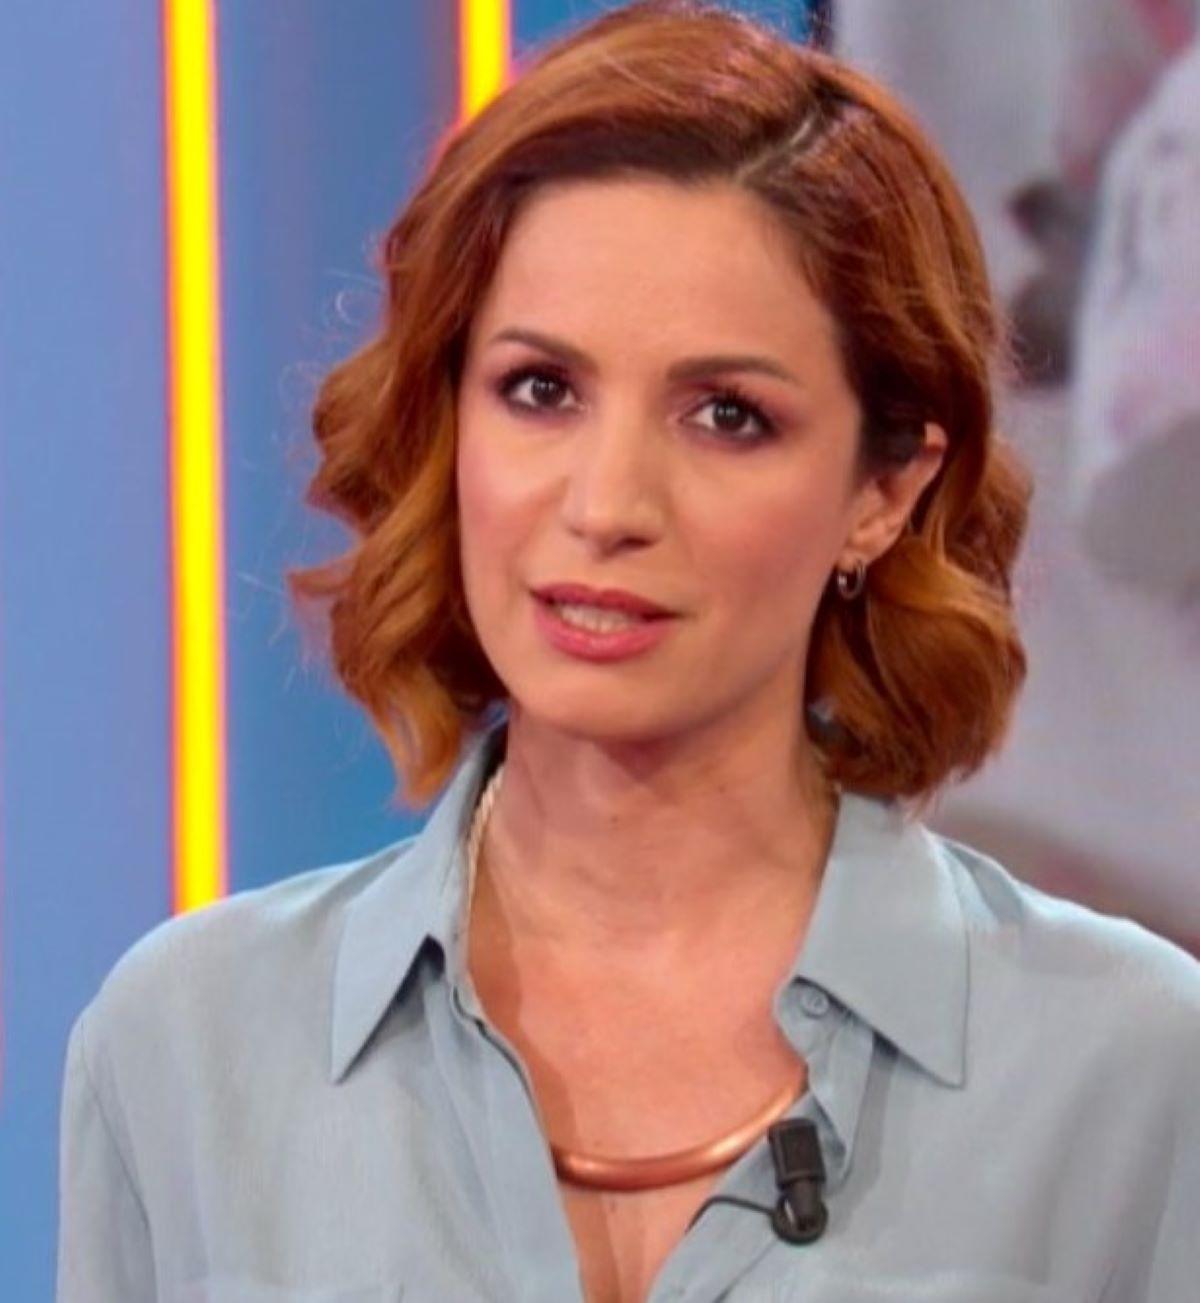 Andrea Delogu Incidente Vacanza Caduta Scogli Dito Rotto